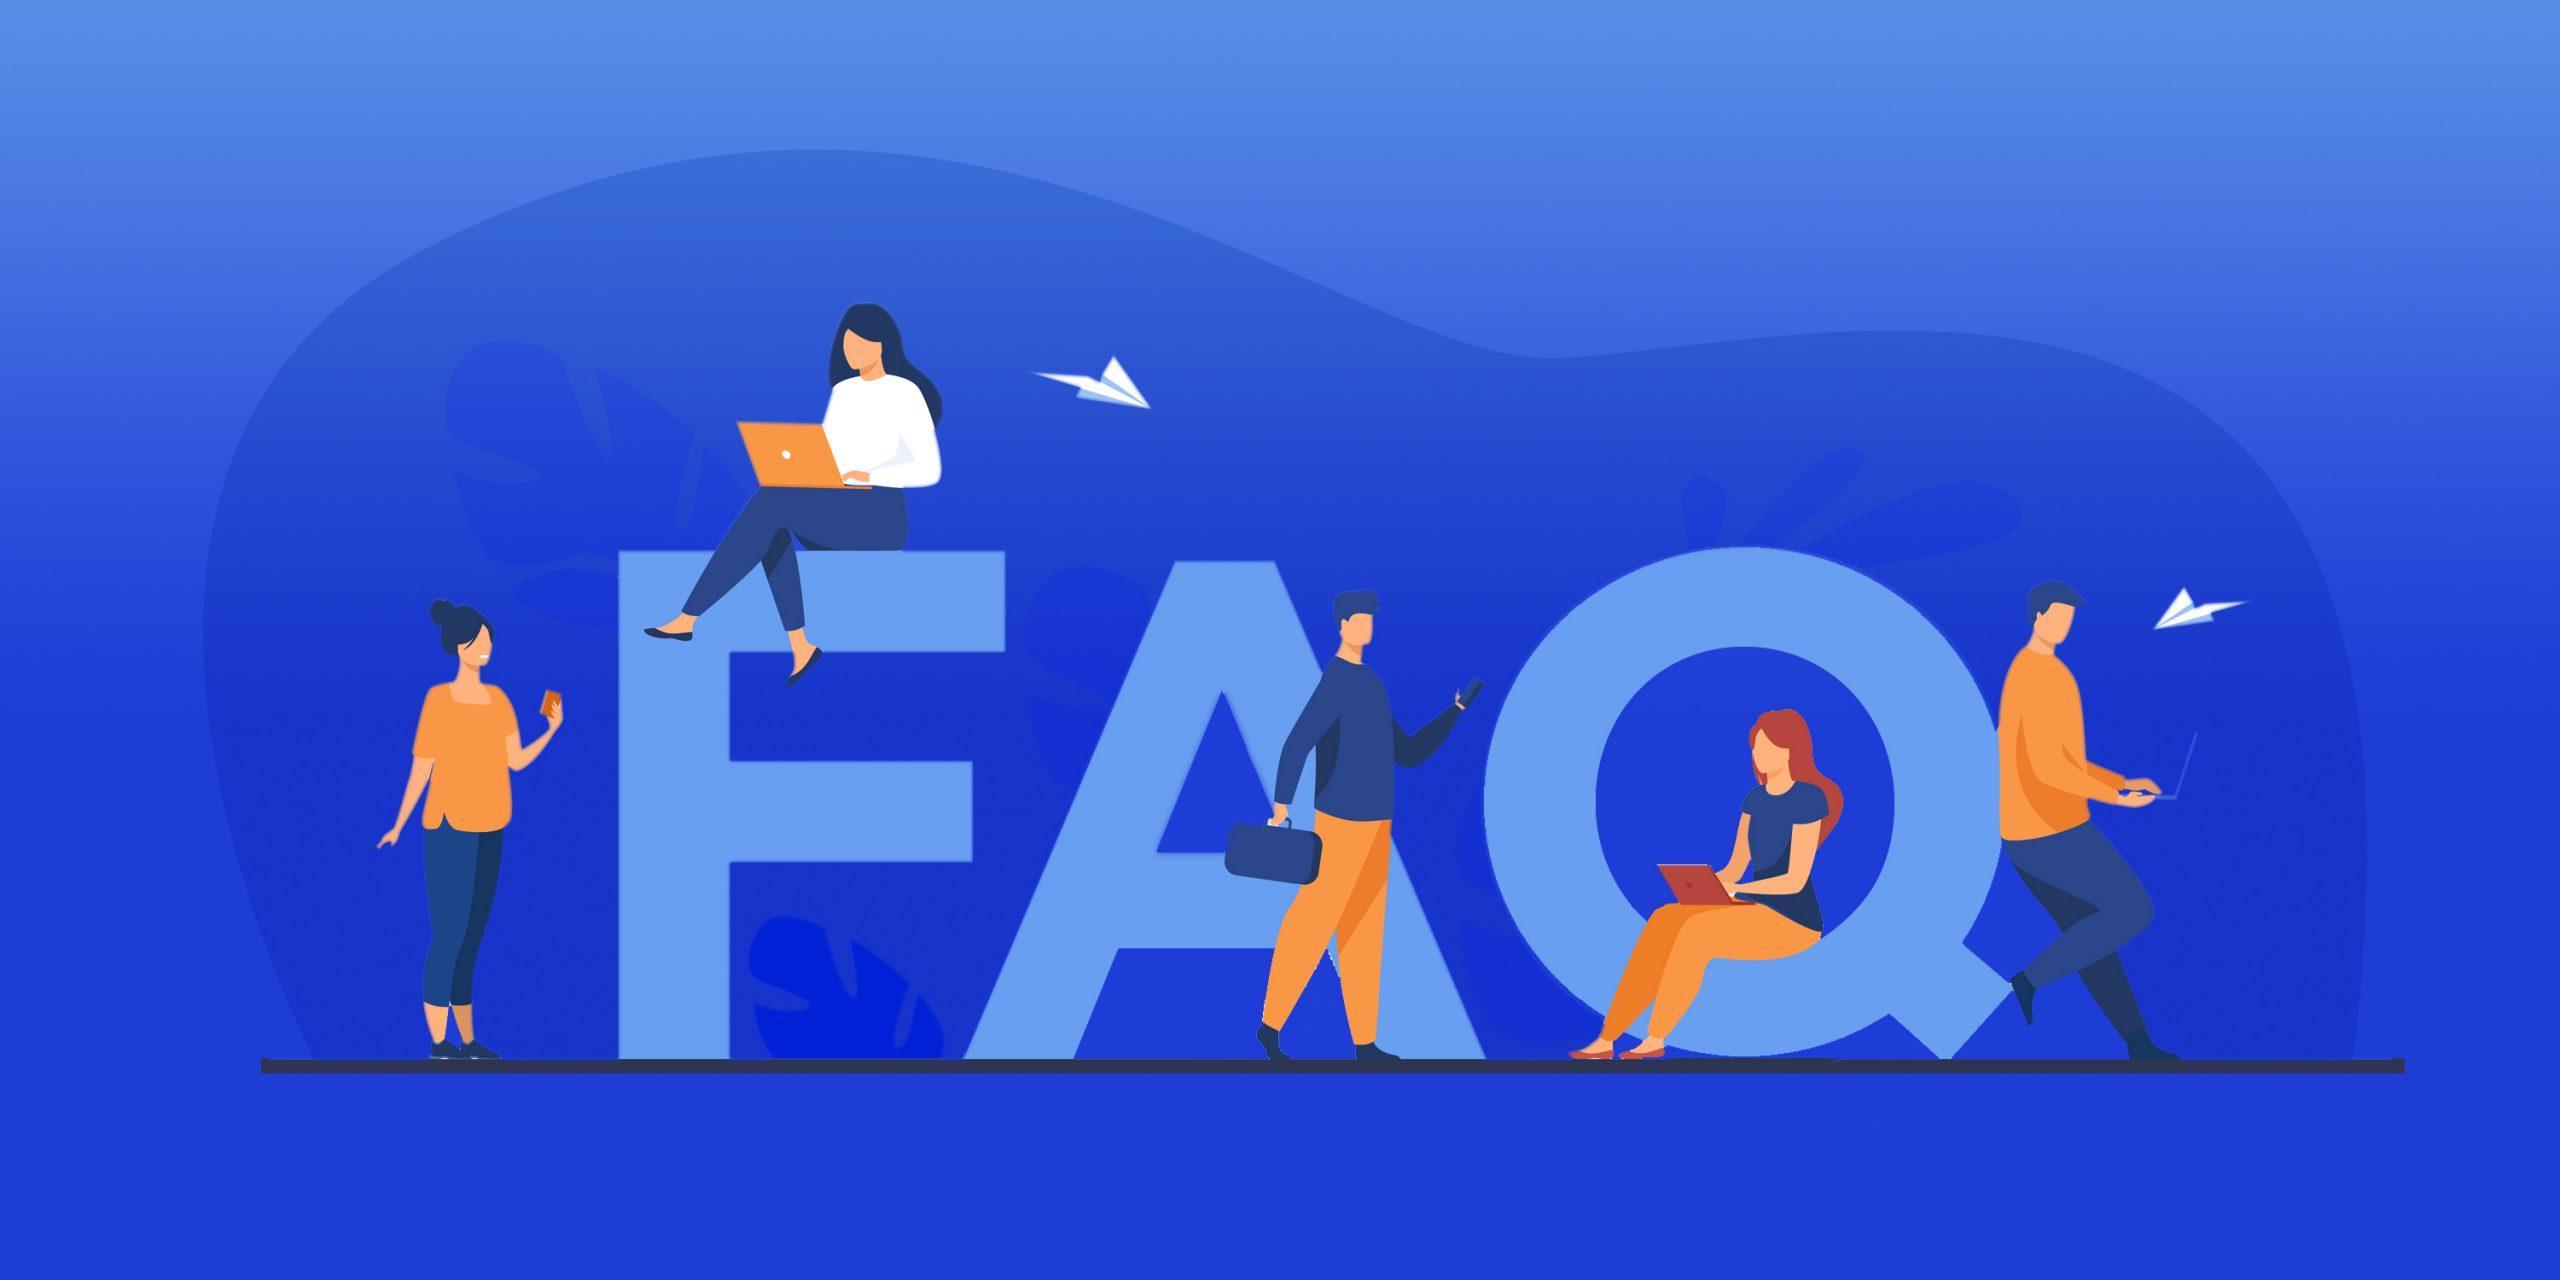 {:en}FAQ по FAQ: как сделать раздел вопросов и ответов полезным для бизнеса{:}{:ru}FAQ по FAQ: как сделать раздел вопросов и ответов полезным для бизнеса {:}